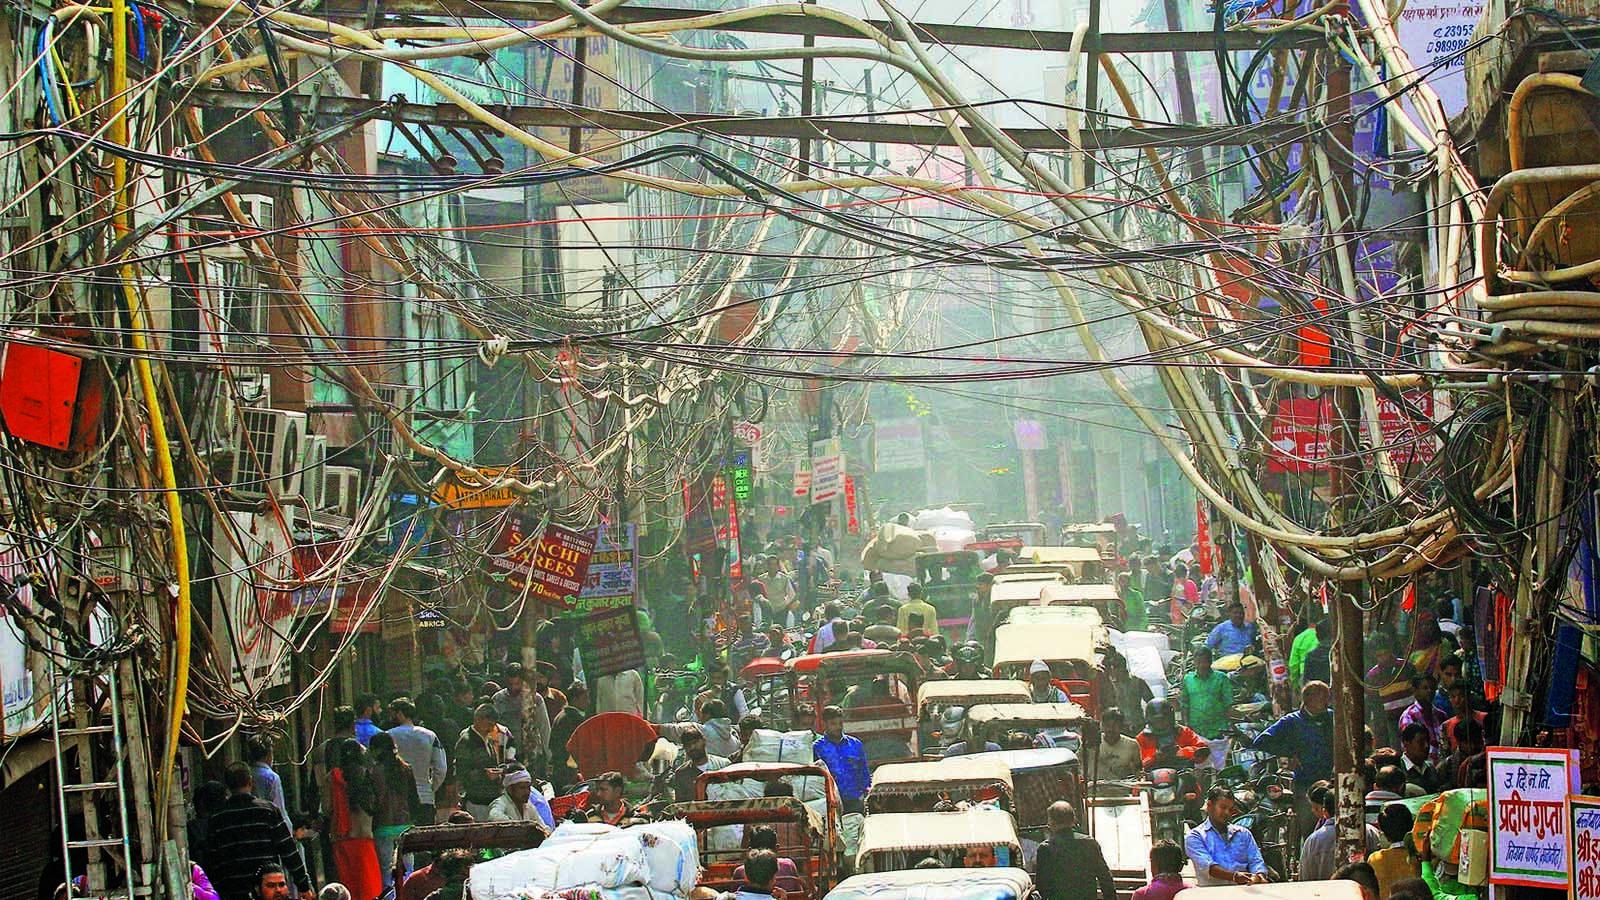 Власти Индии разошлись во мнении, винить ли хакеров в отключении света в Мумбае